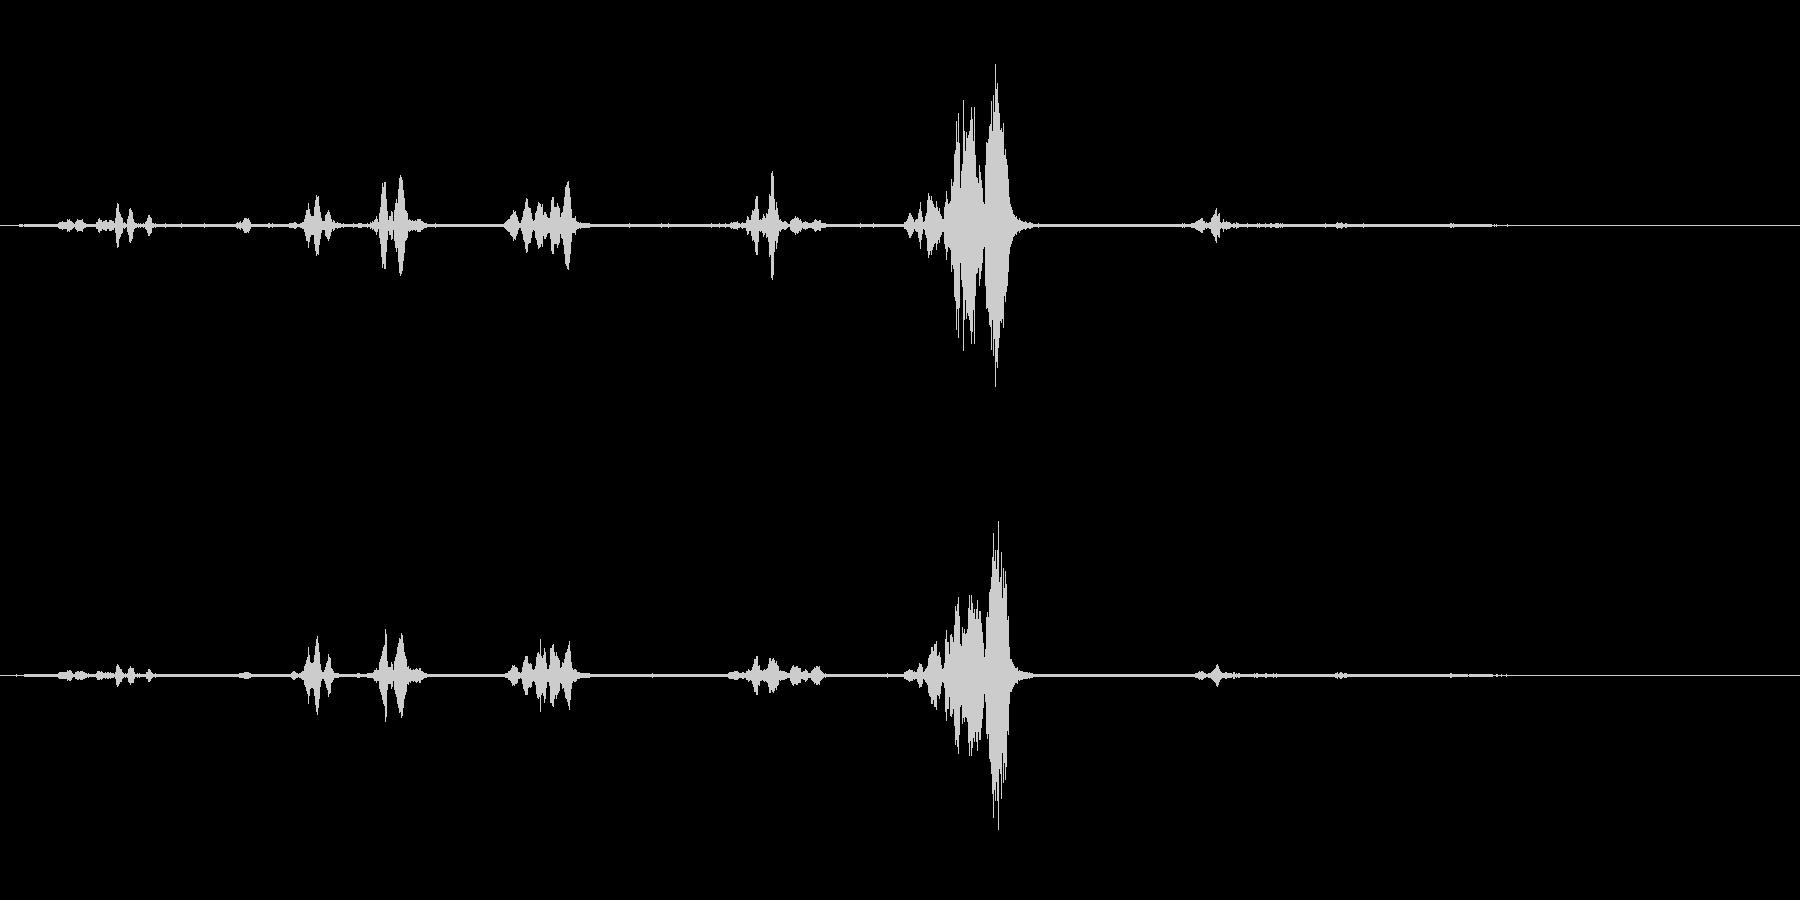 オウム-話す-スウェーデン語-Bi...の未再生の波形